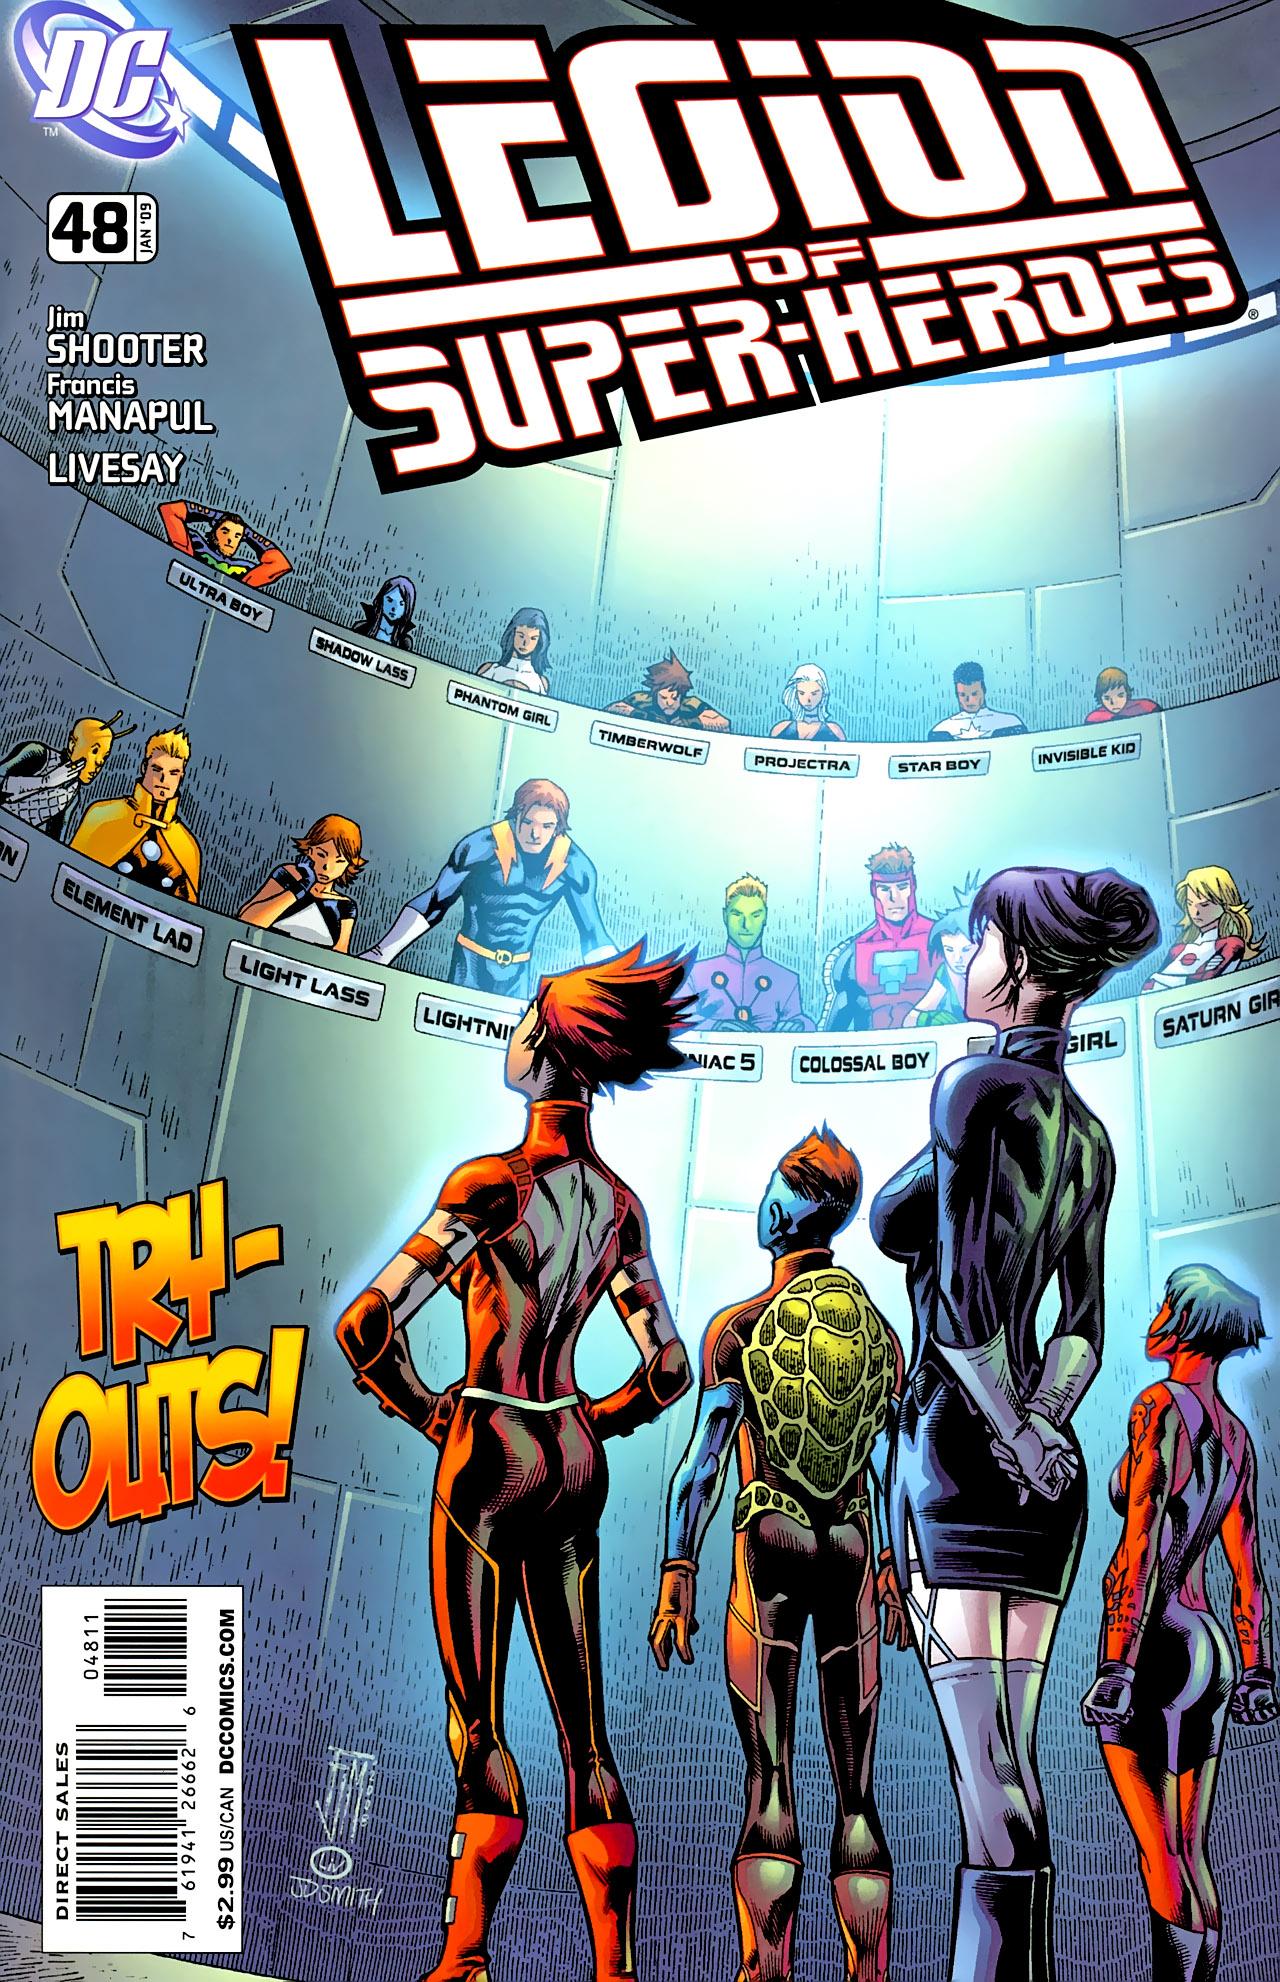 Legion Of Super Heroes Vol 5 48 Dc Comics Database